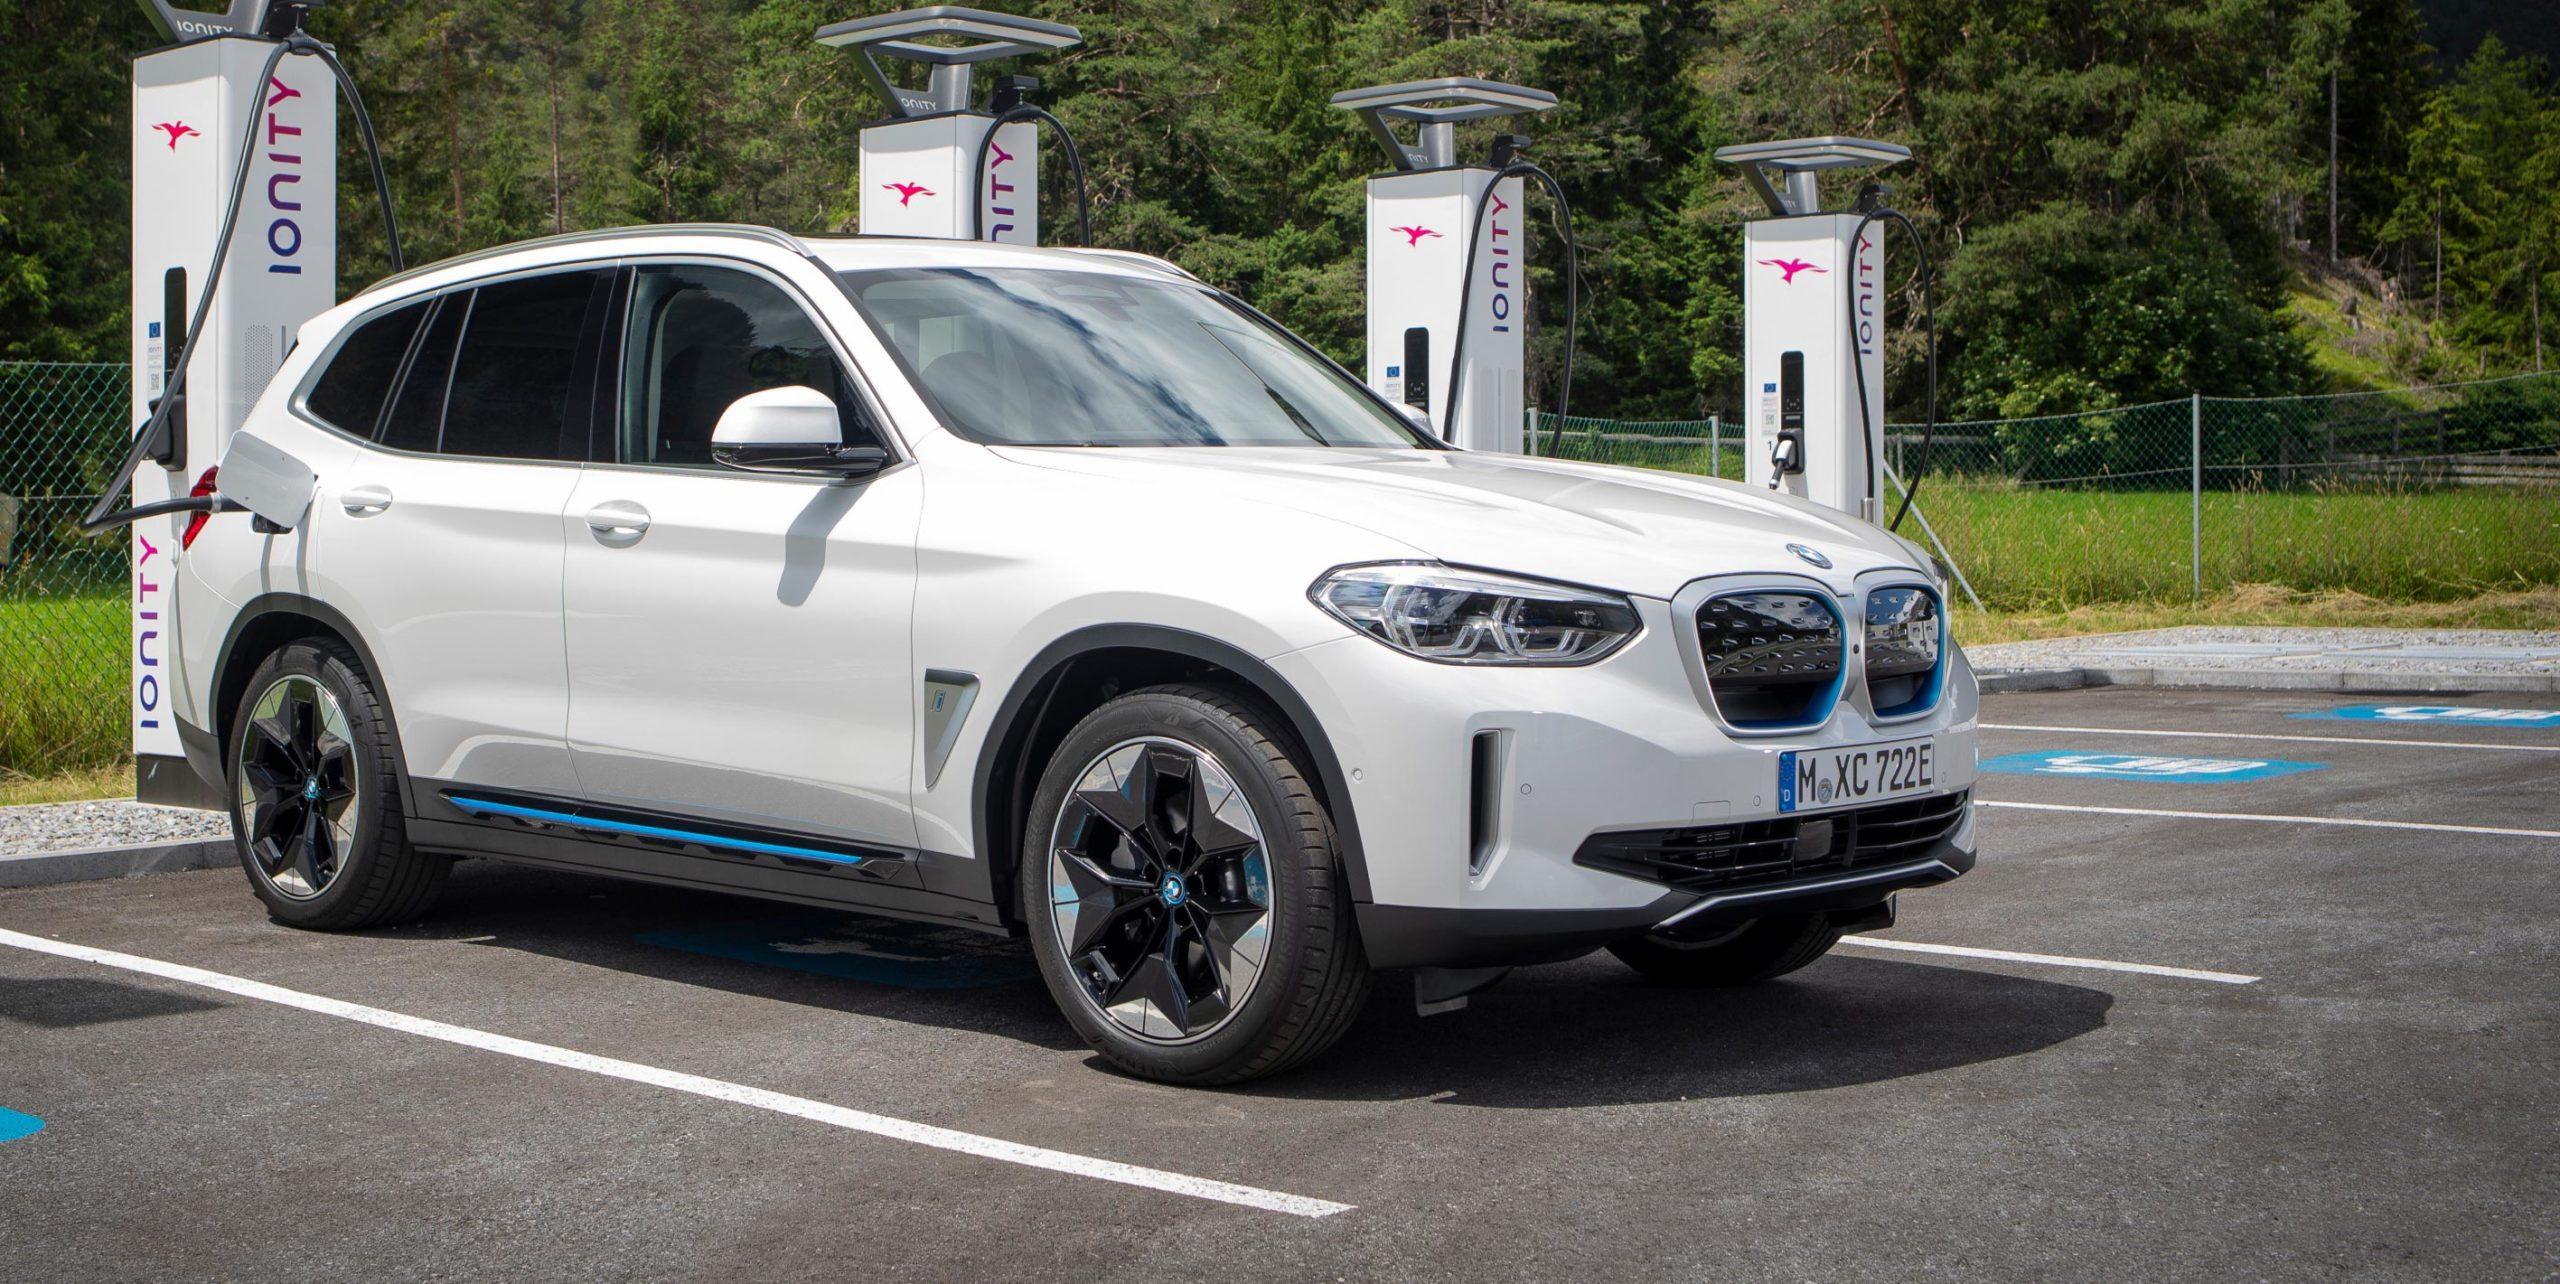 BMW Group Charge publica los precios para sus cargadores